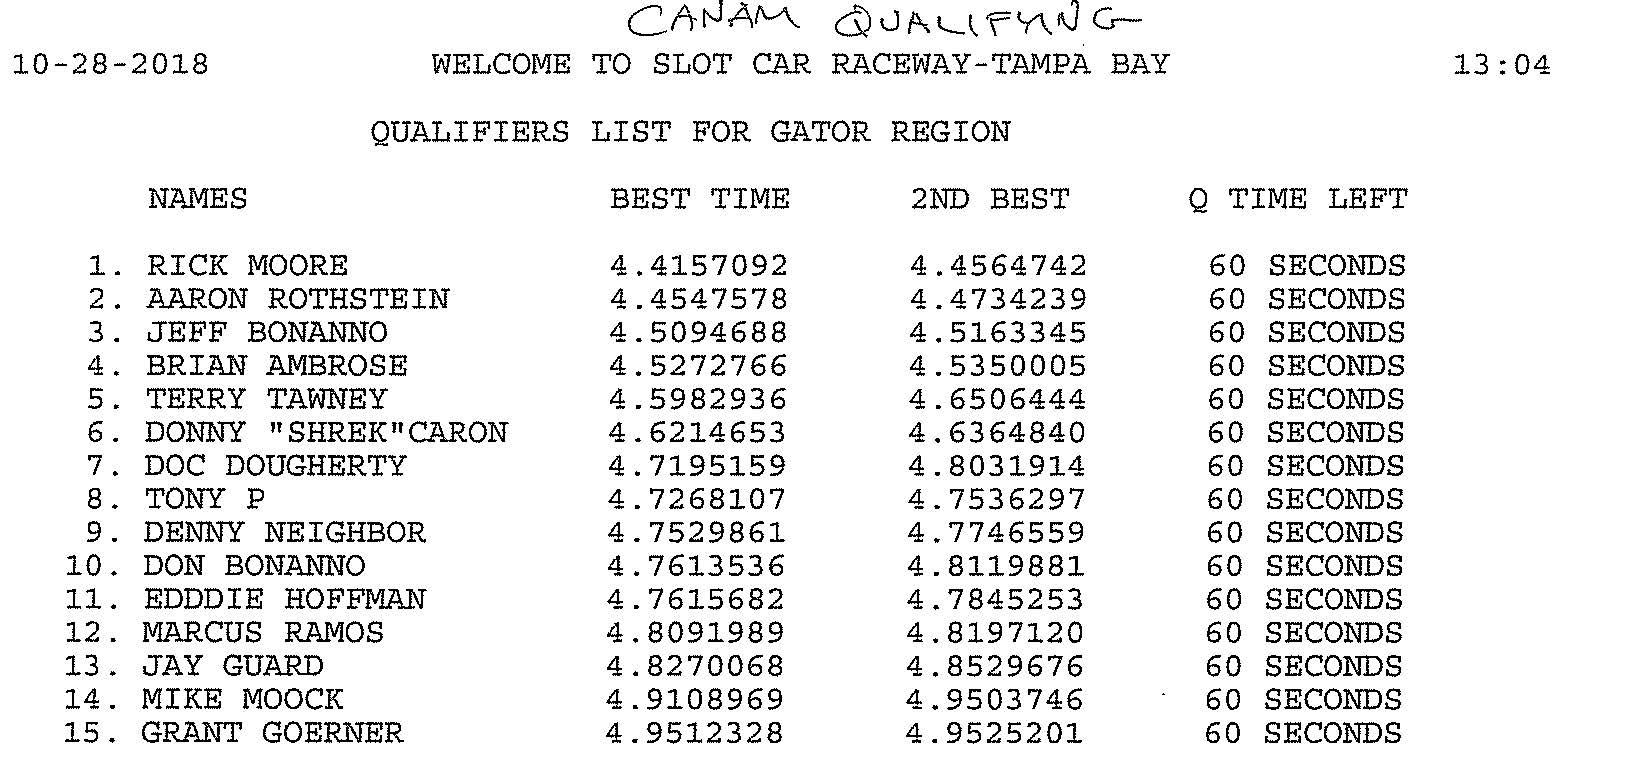 10.28.18 GRRR CanAm Qualifying.jpg